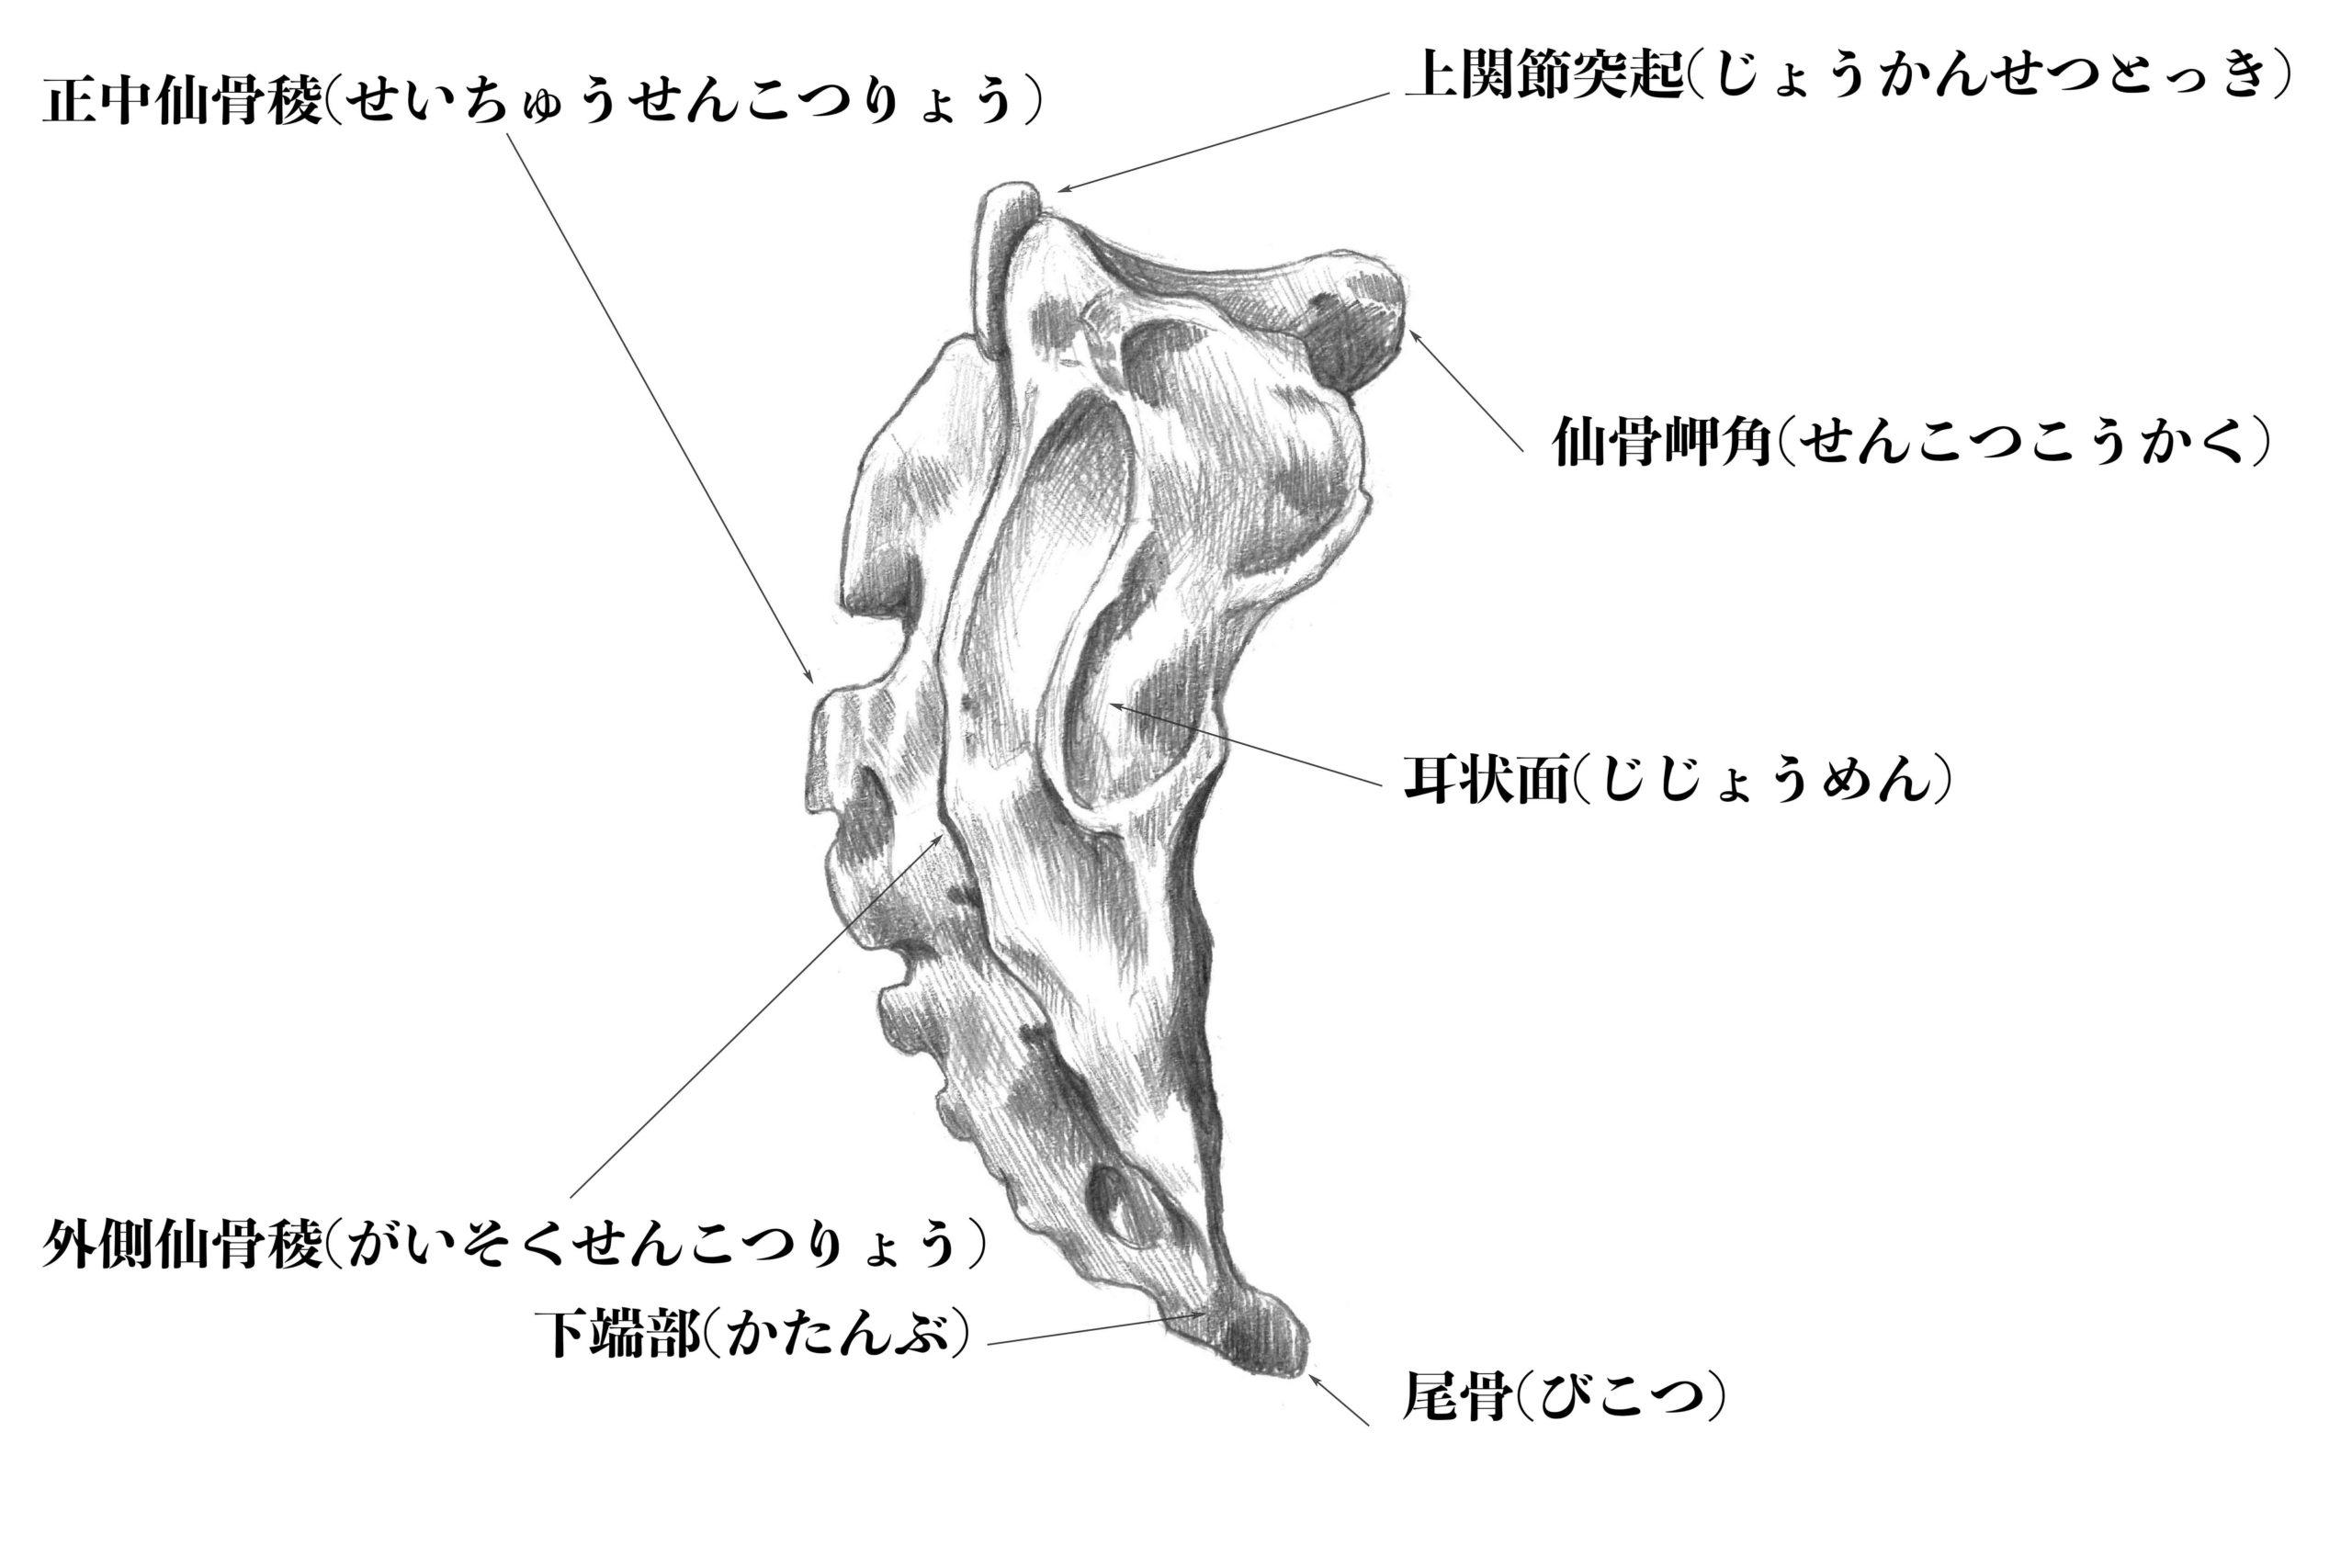 仙骨横からのスケッチ